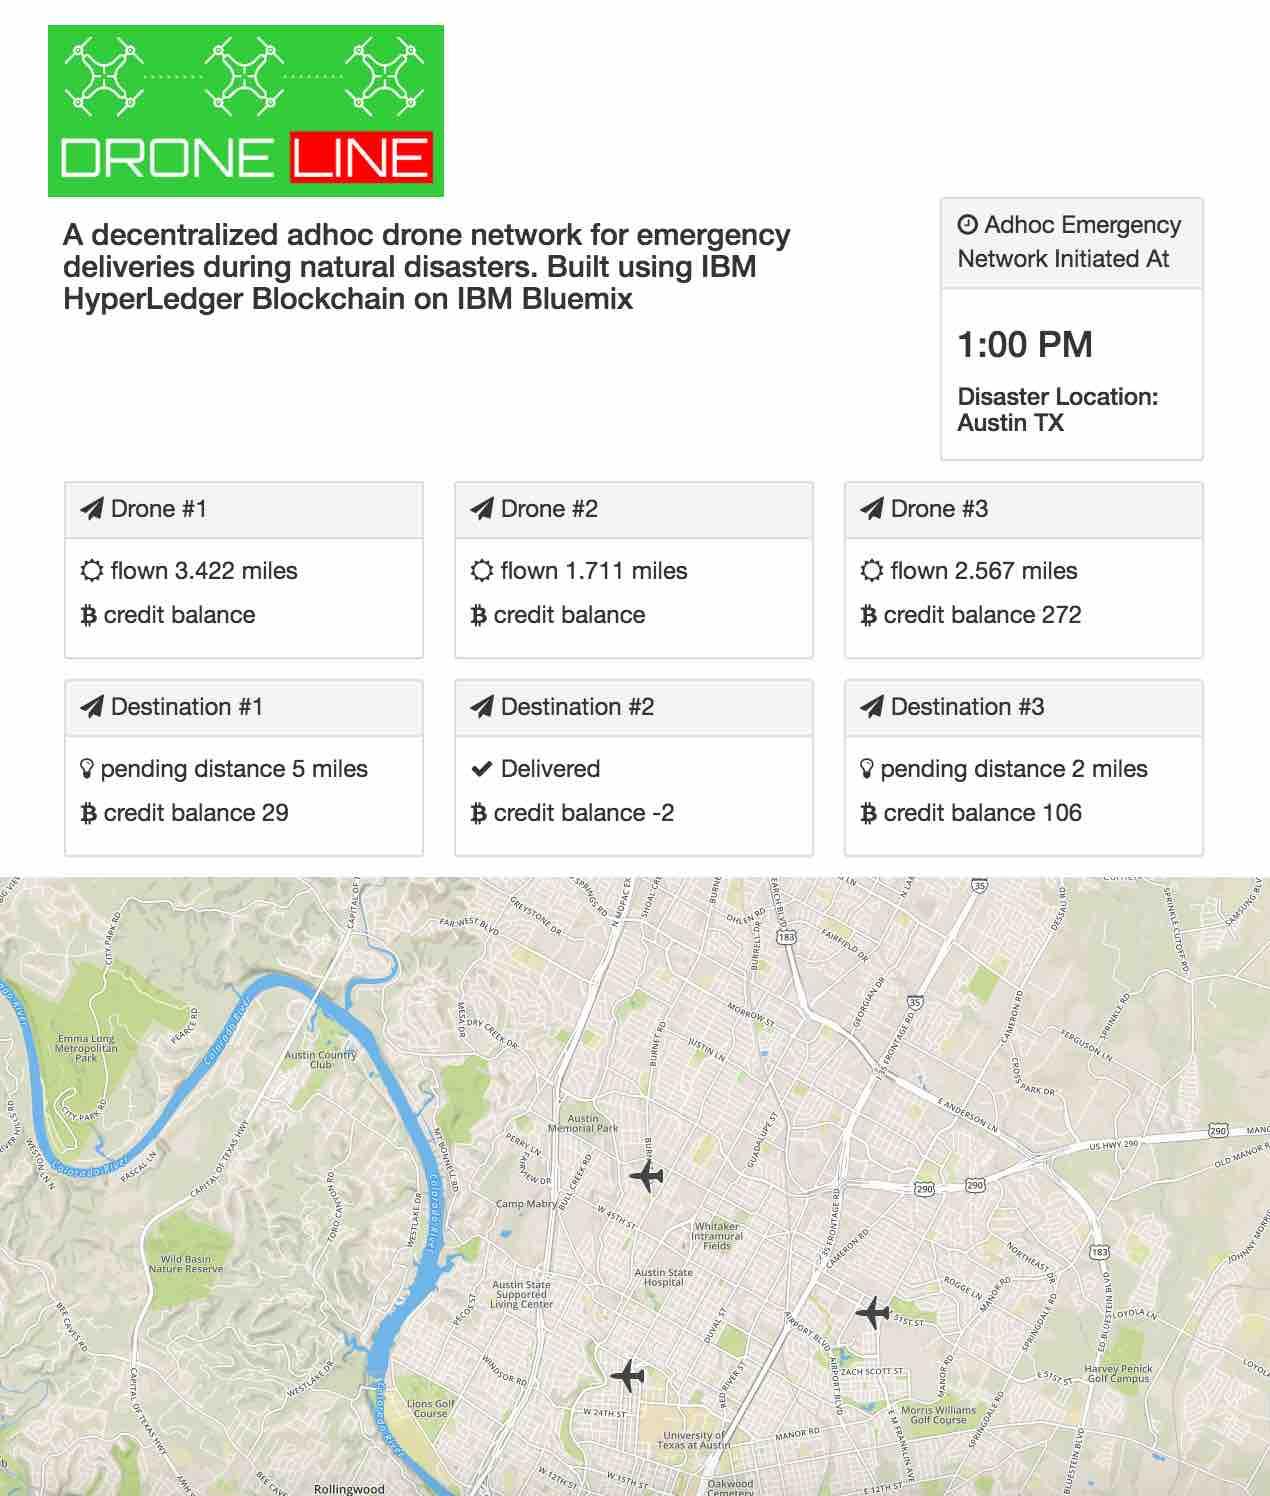 DroneLine